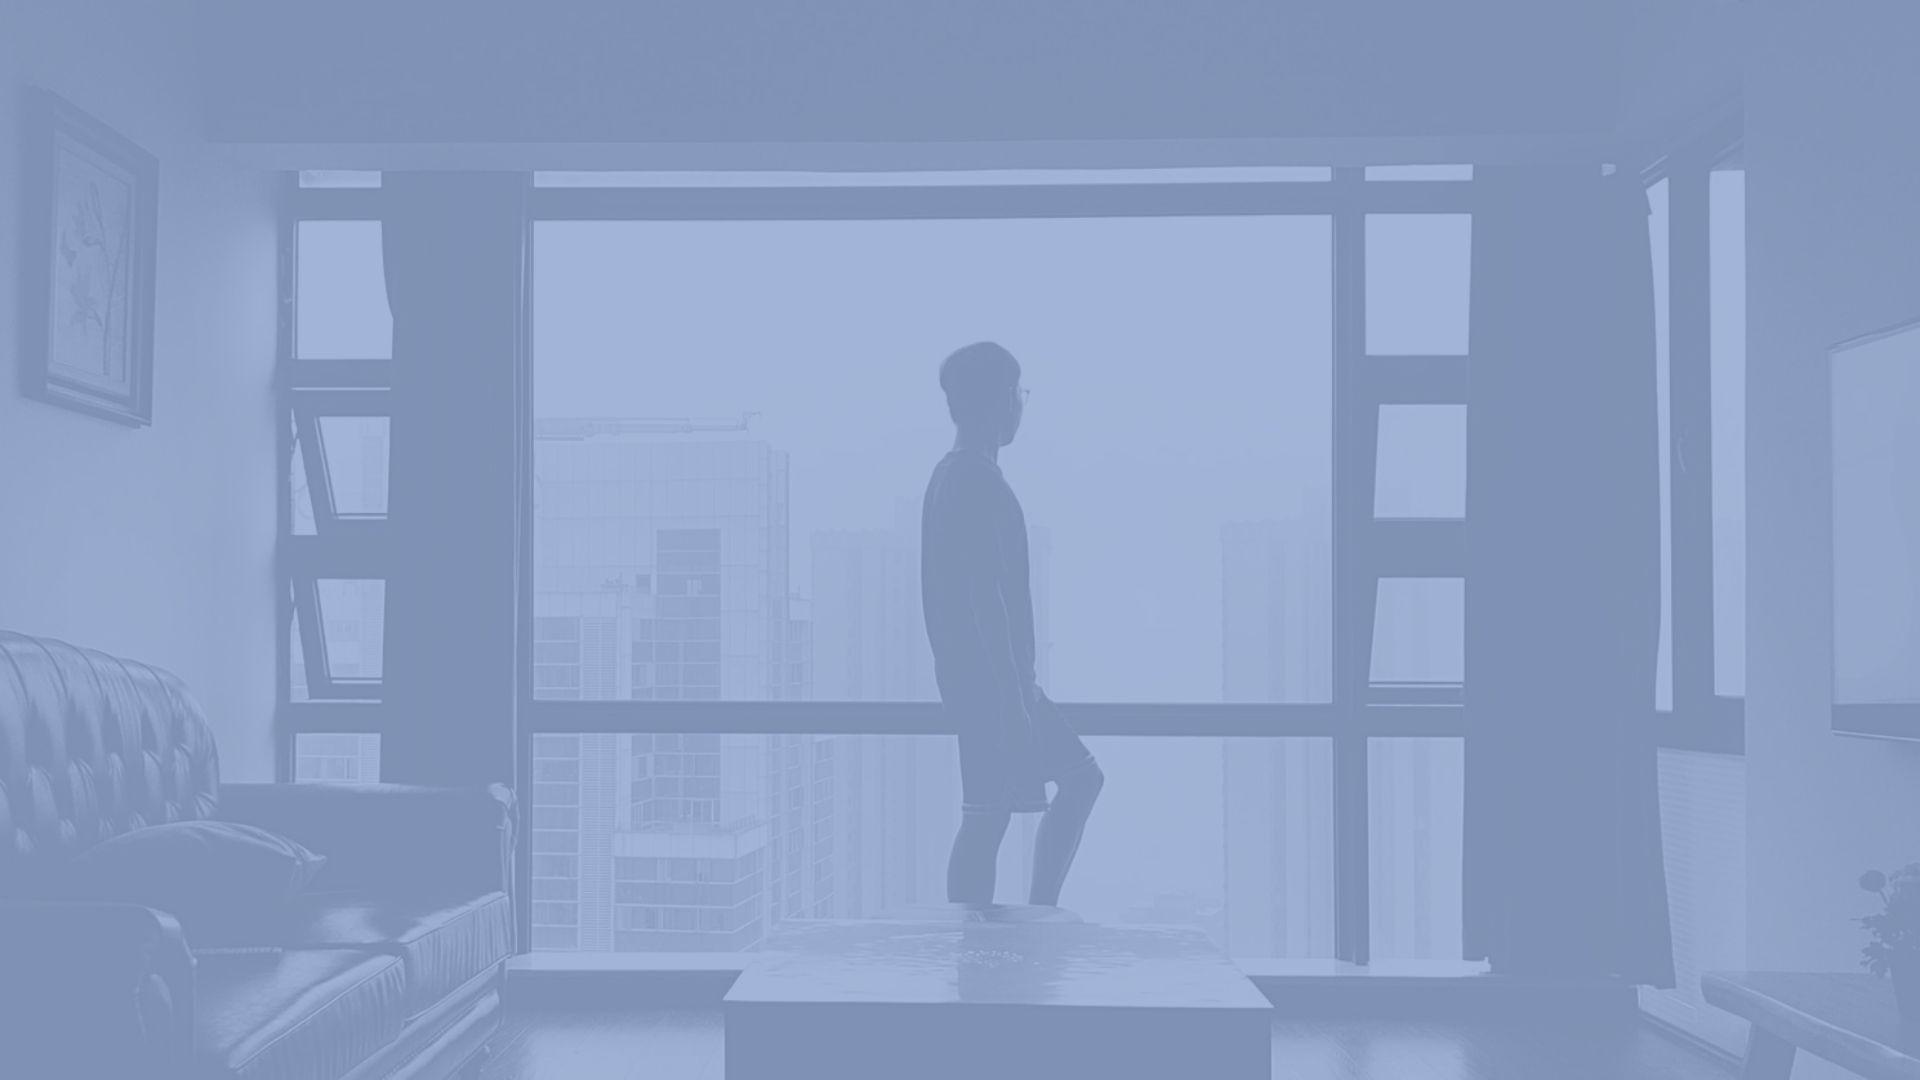 laki-laki memandang ke jendela